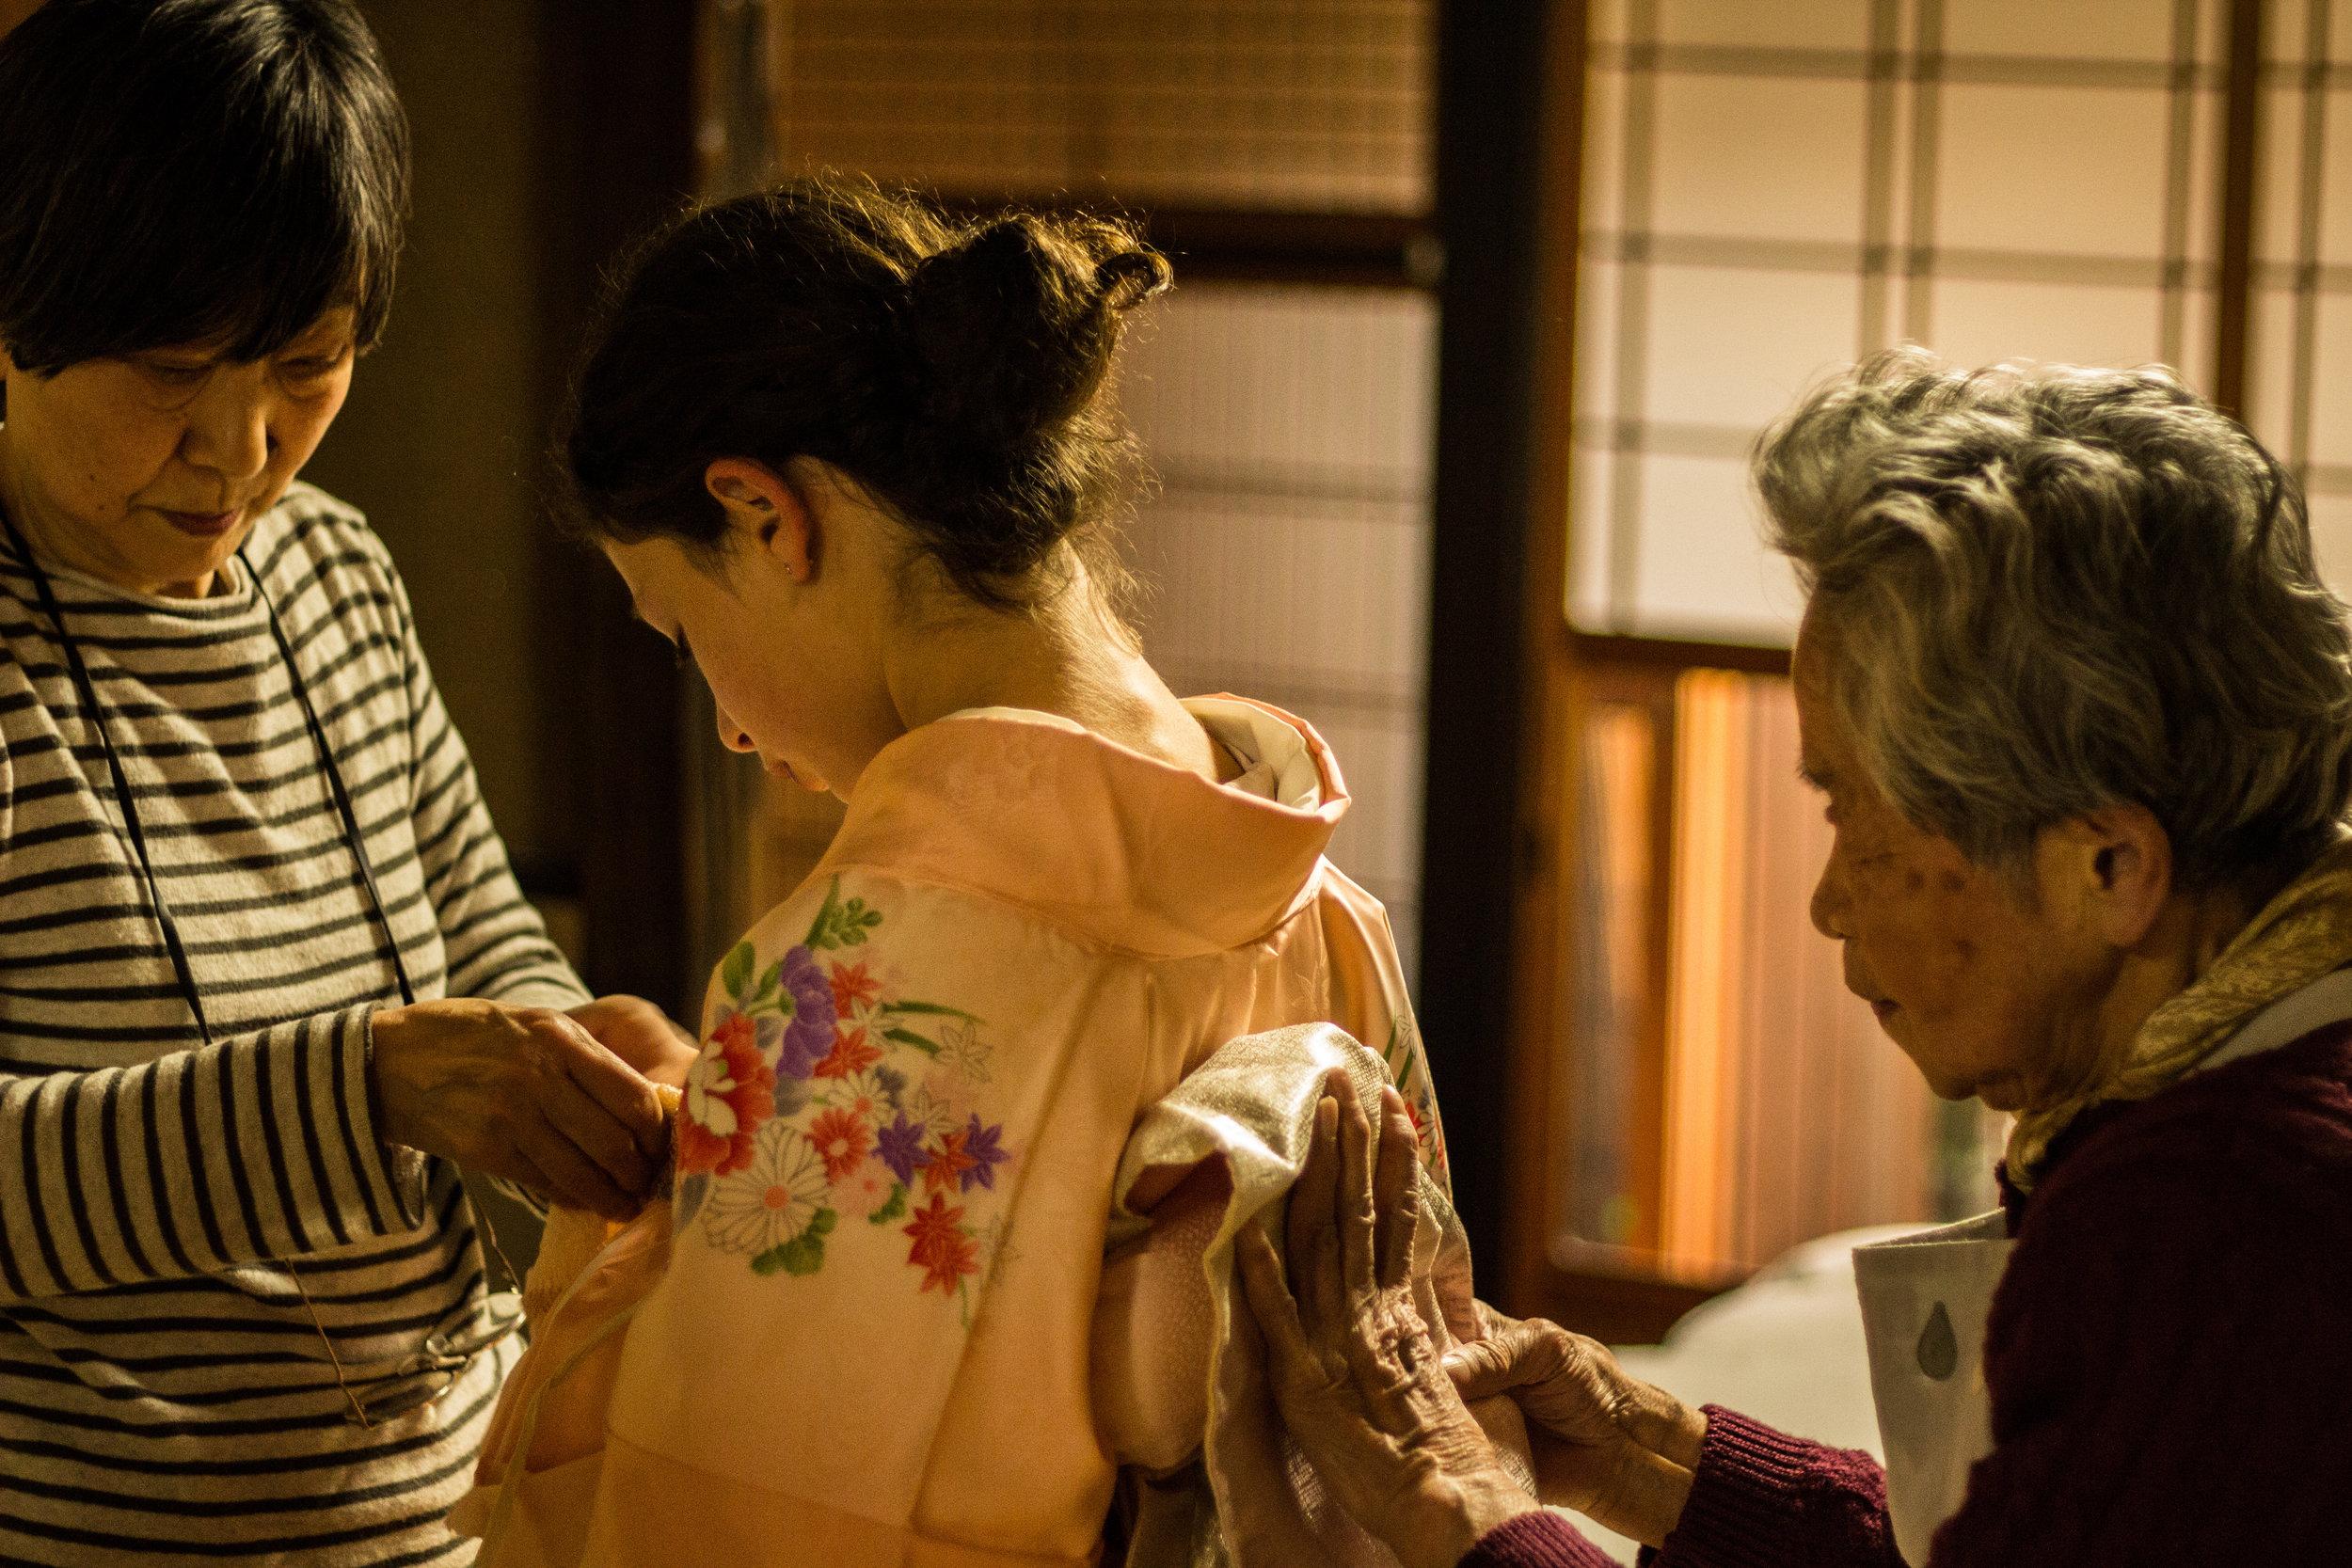 Takako-san, on the left.